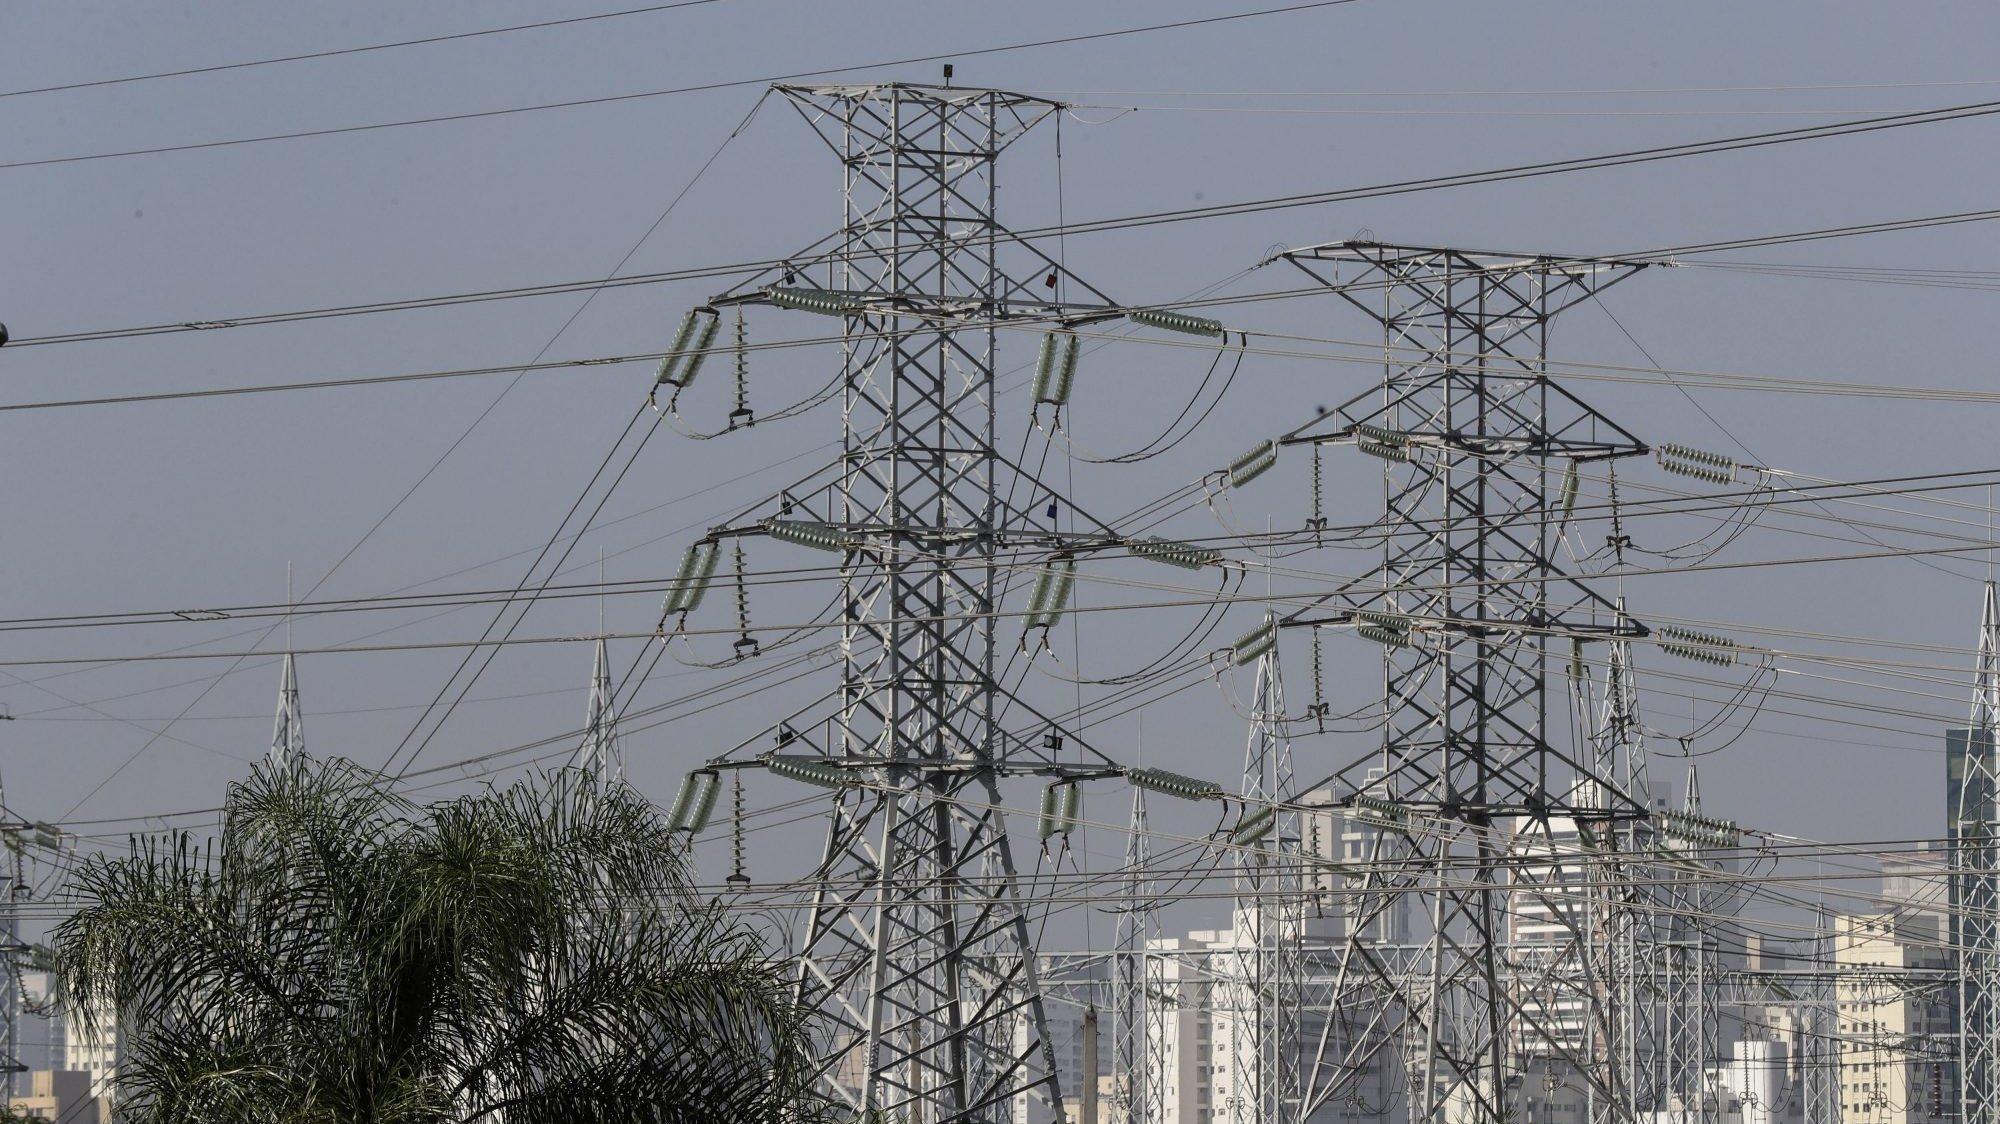 Torres de alta voltagem em São Paulo